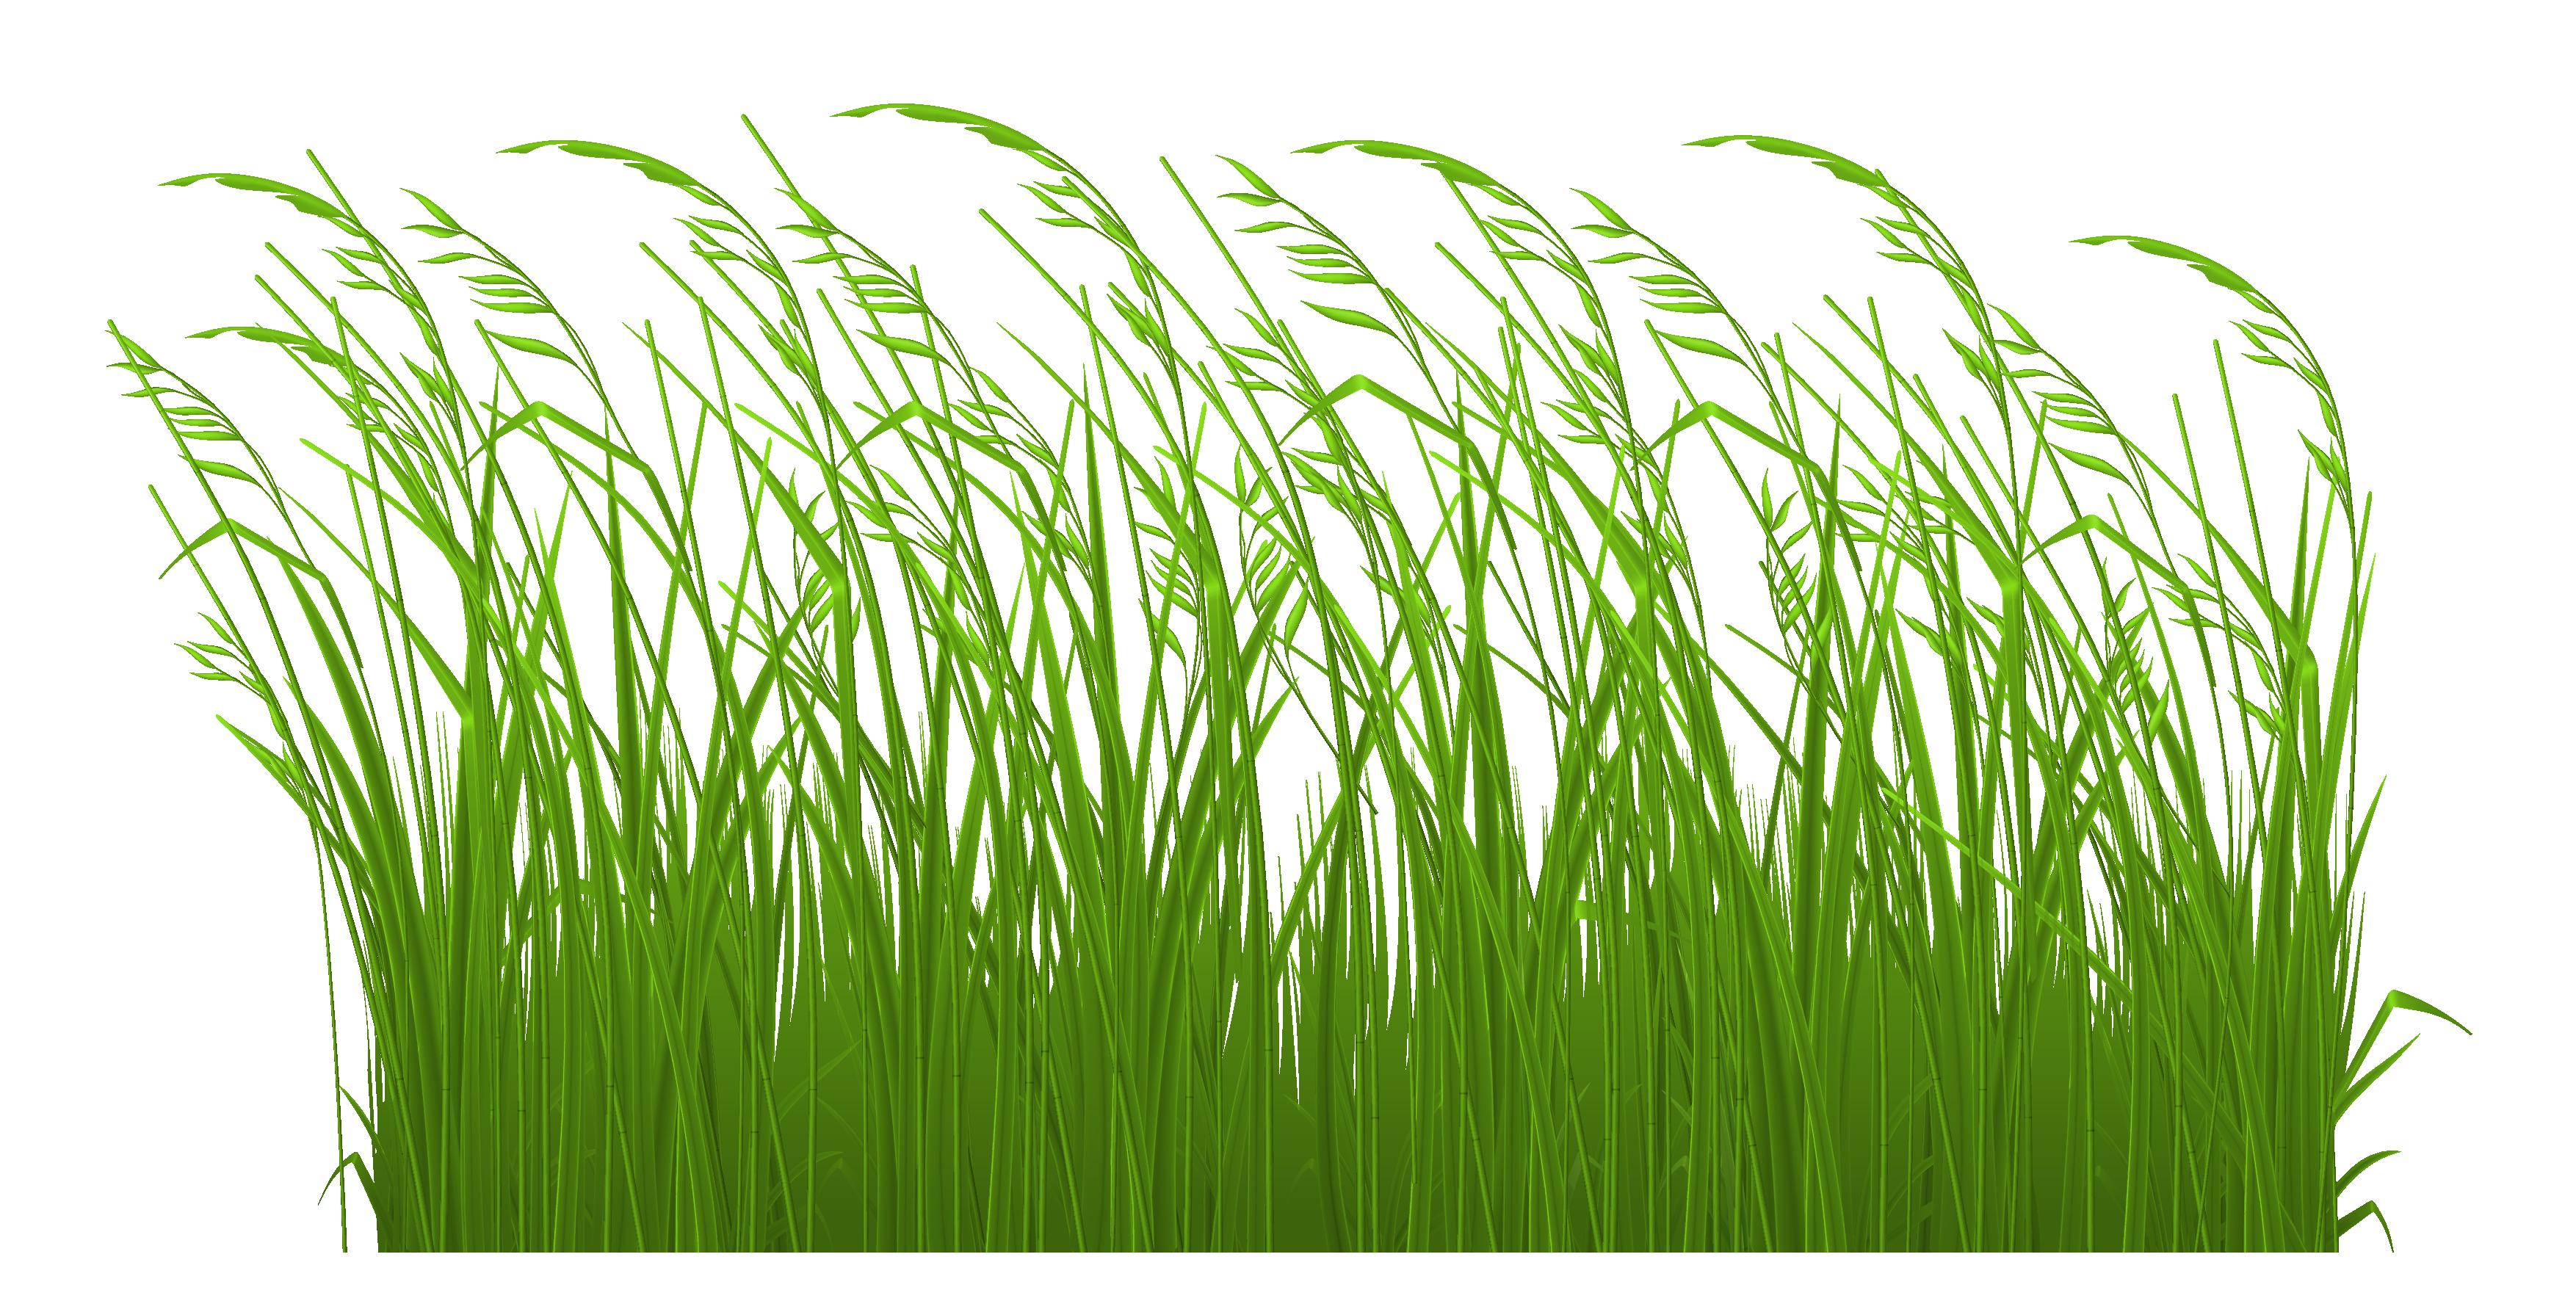 Grass Clipart & Grass Clip Art Images.